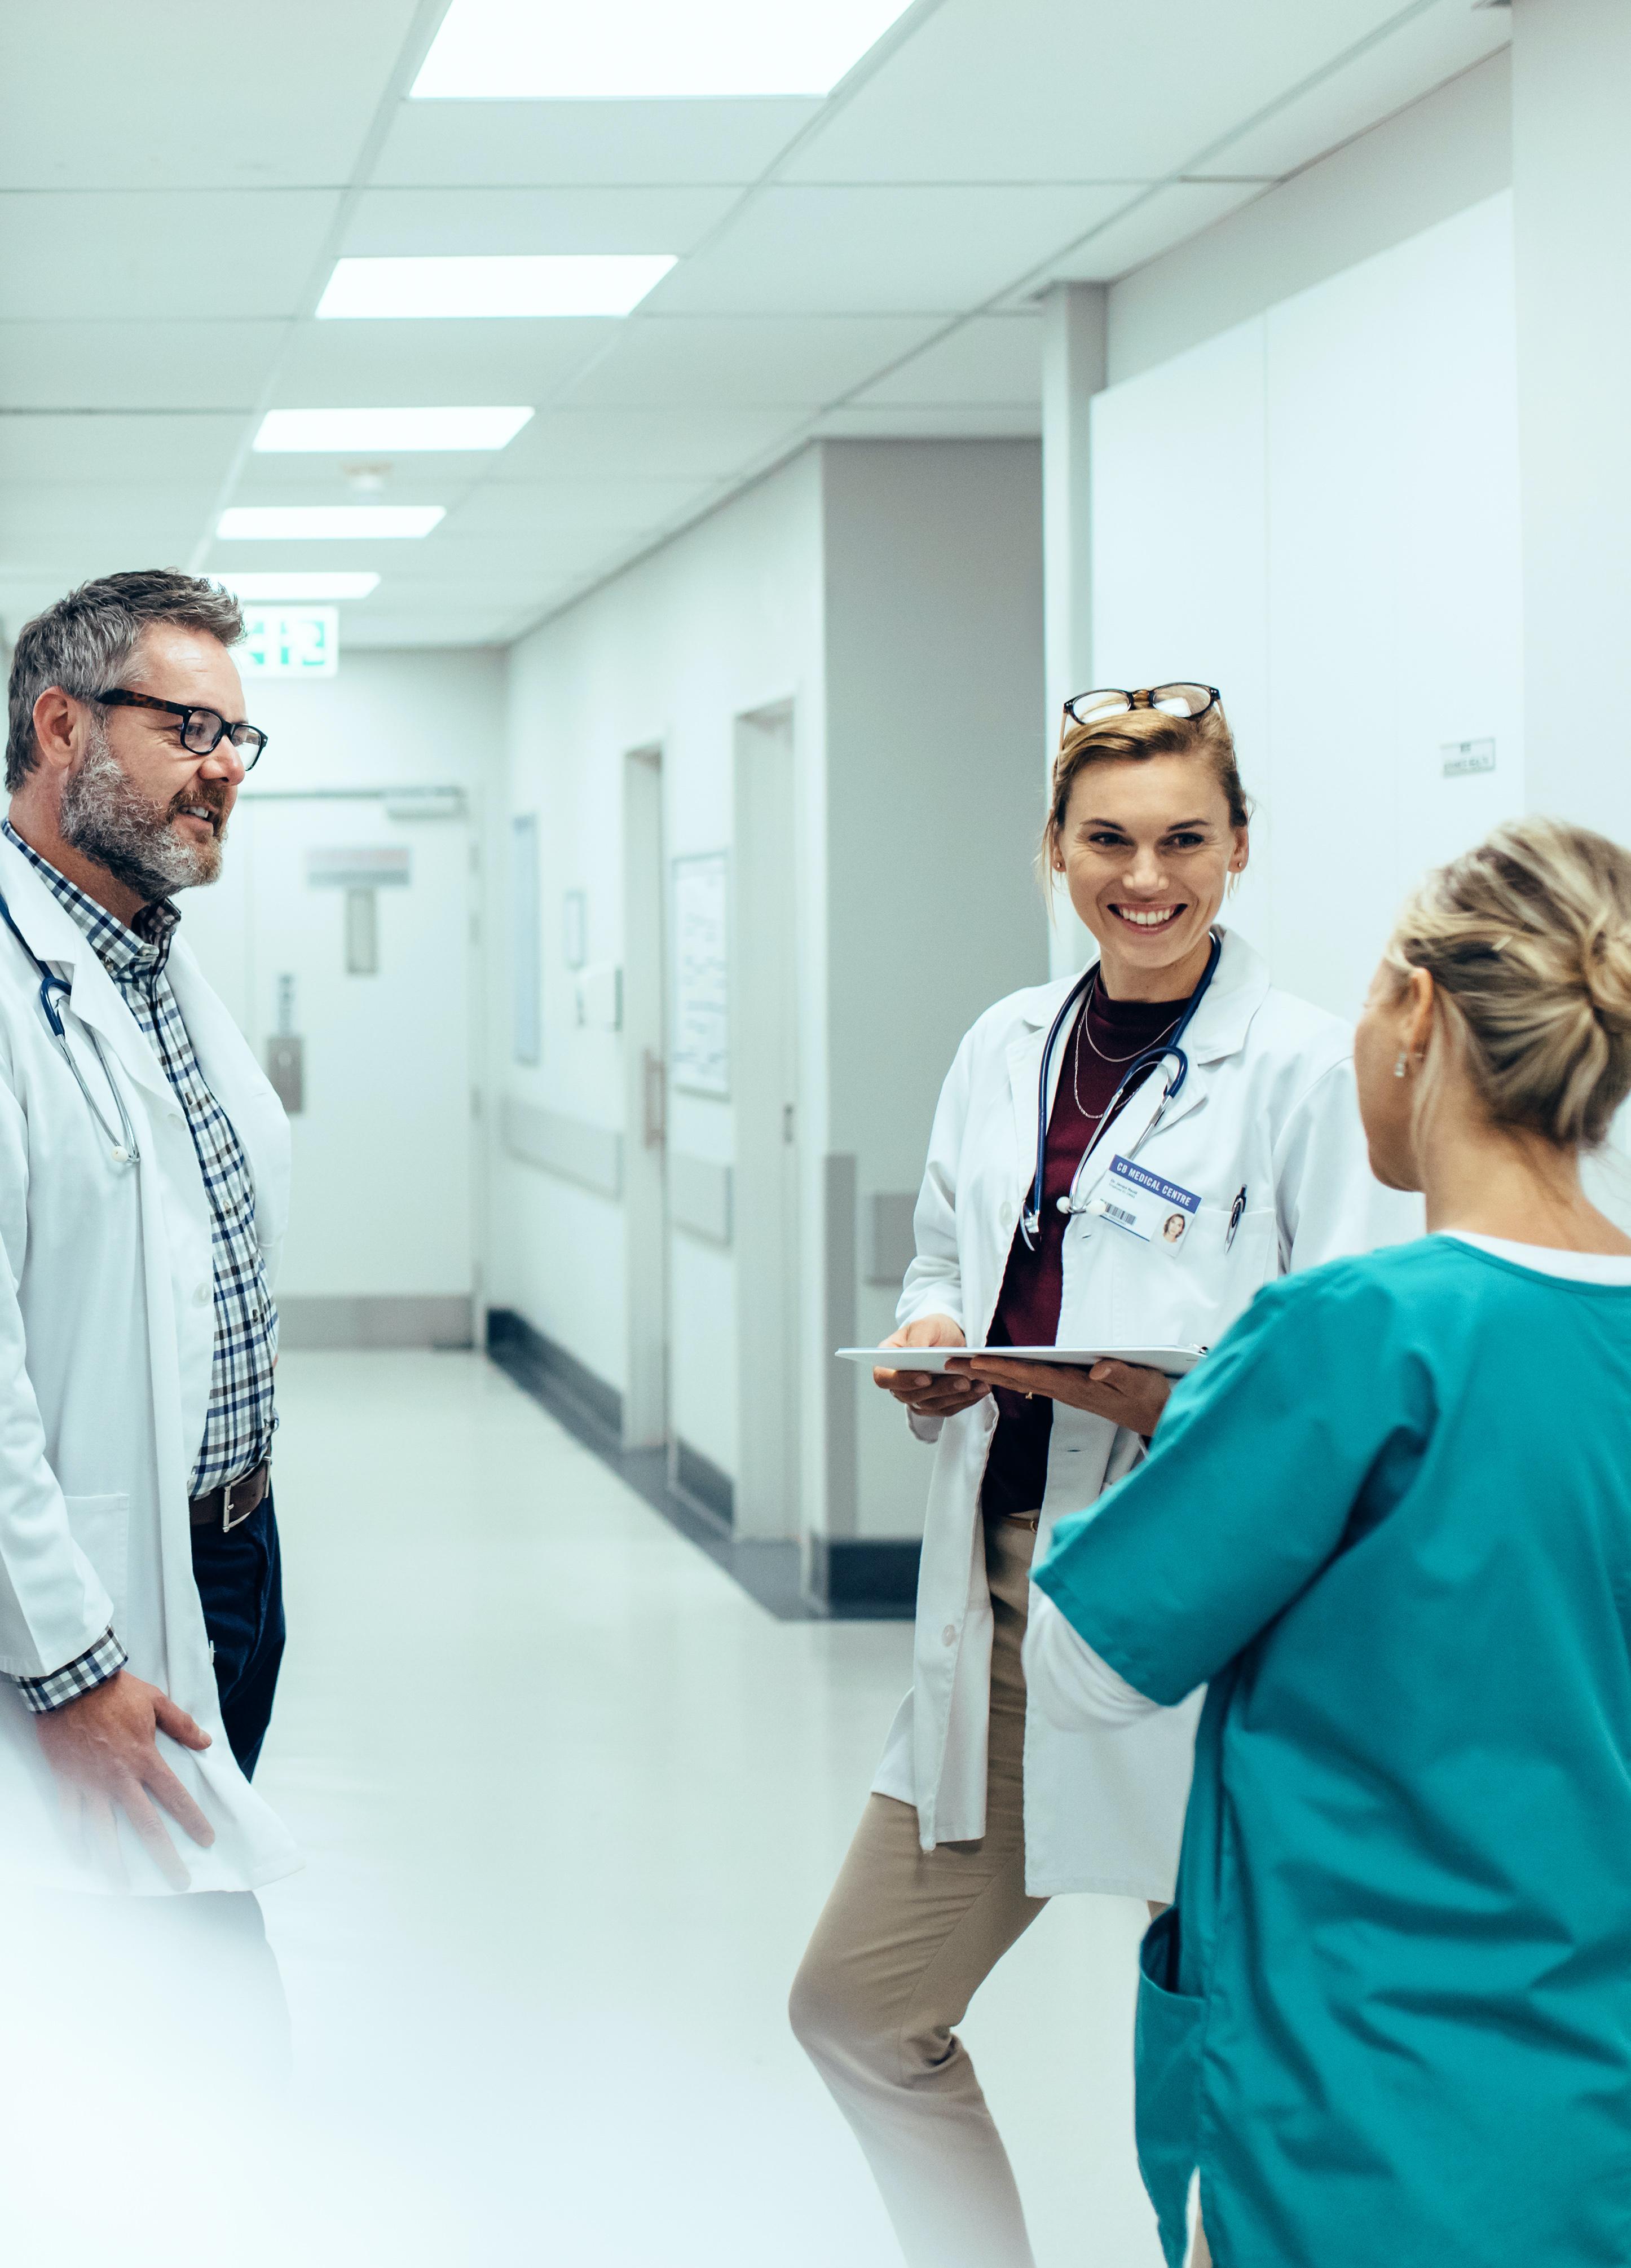 Hospital leadership